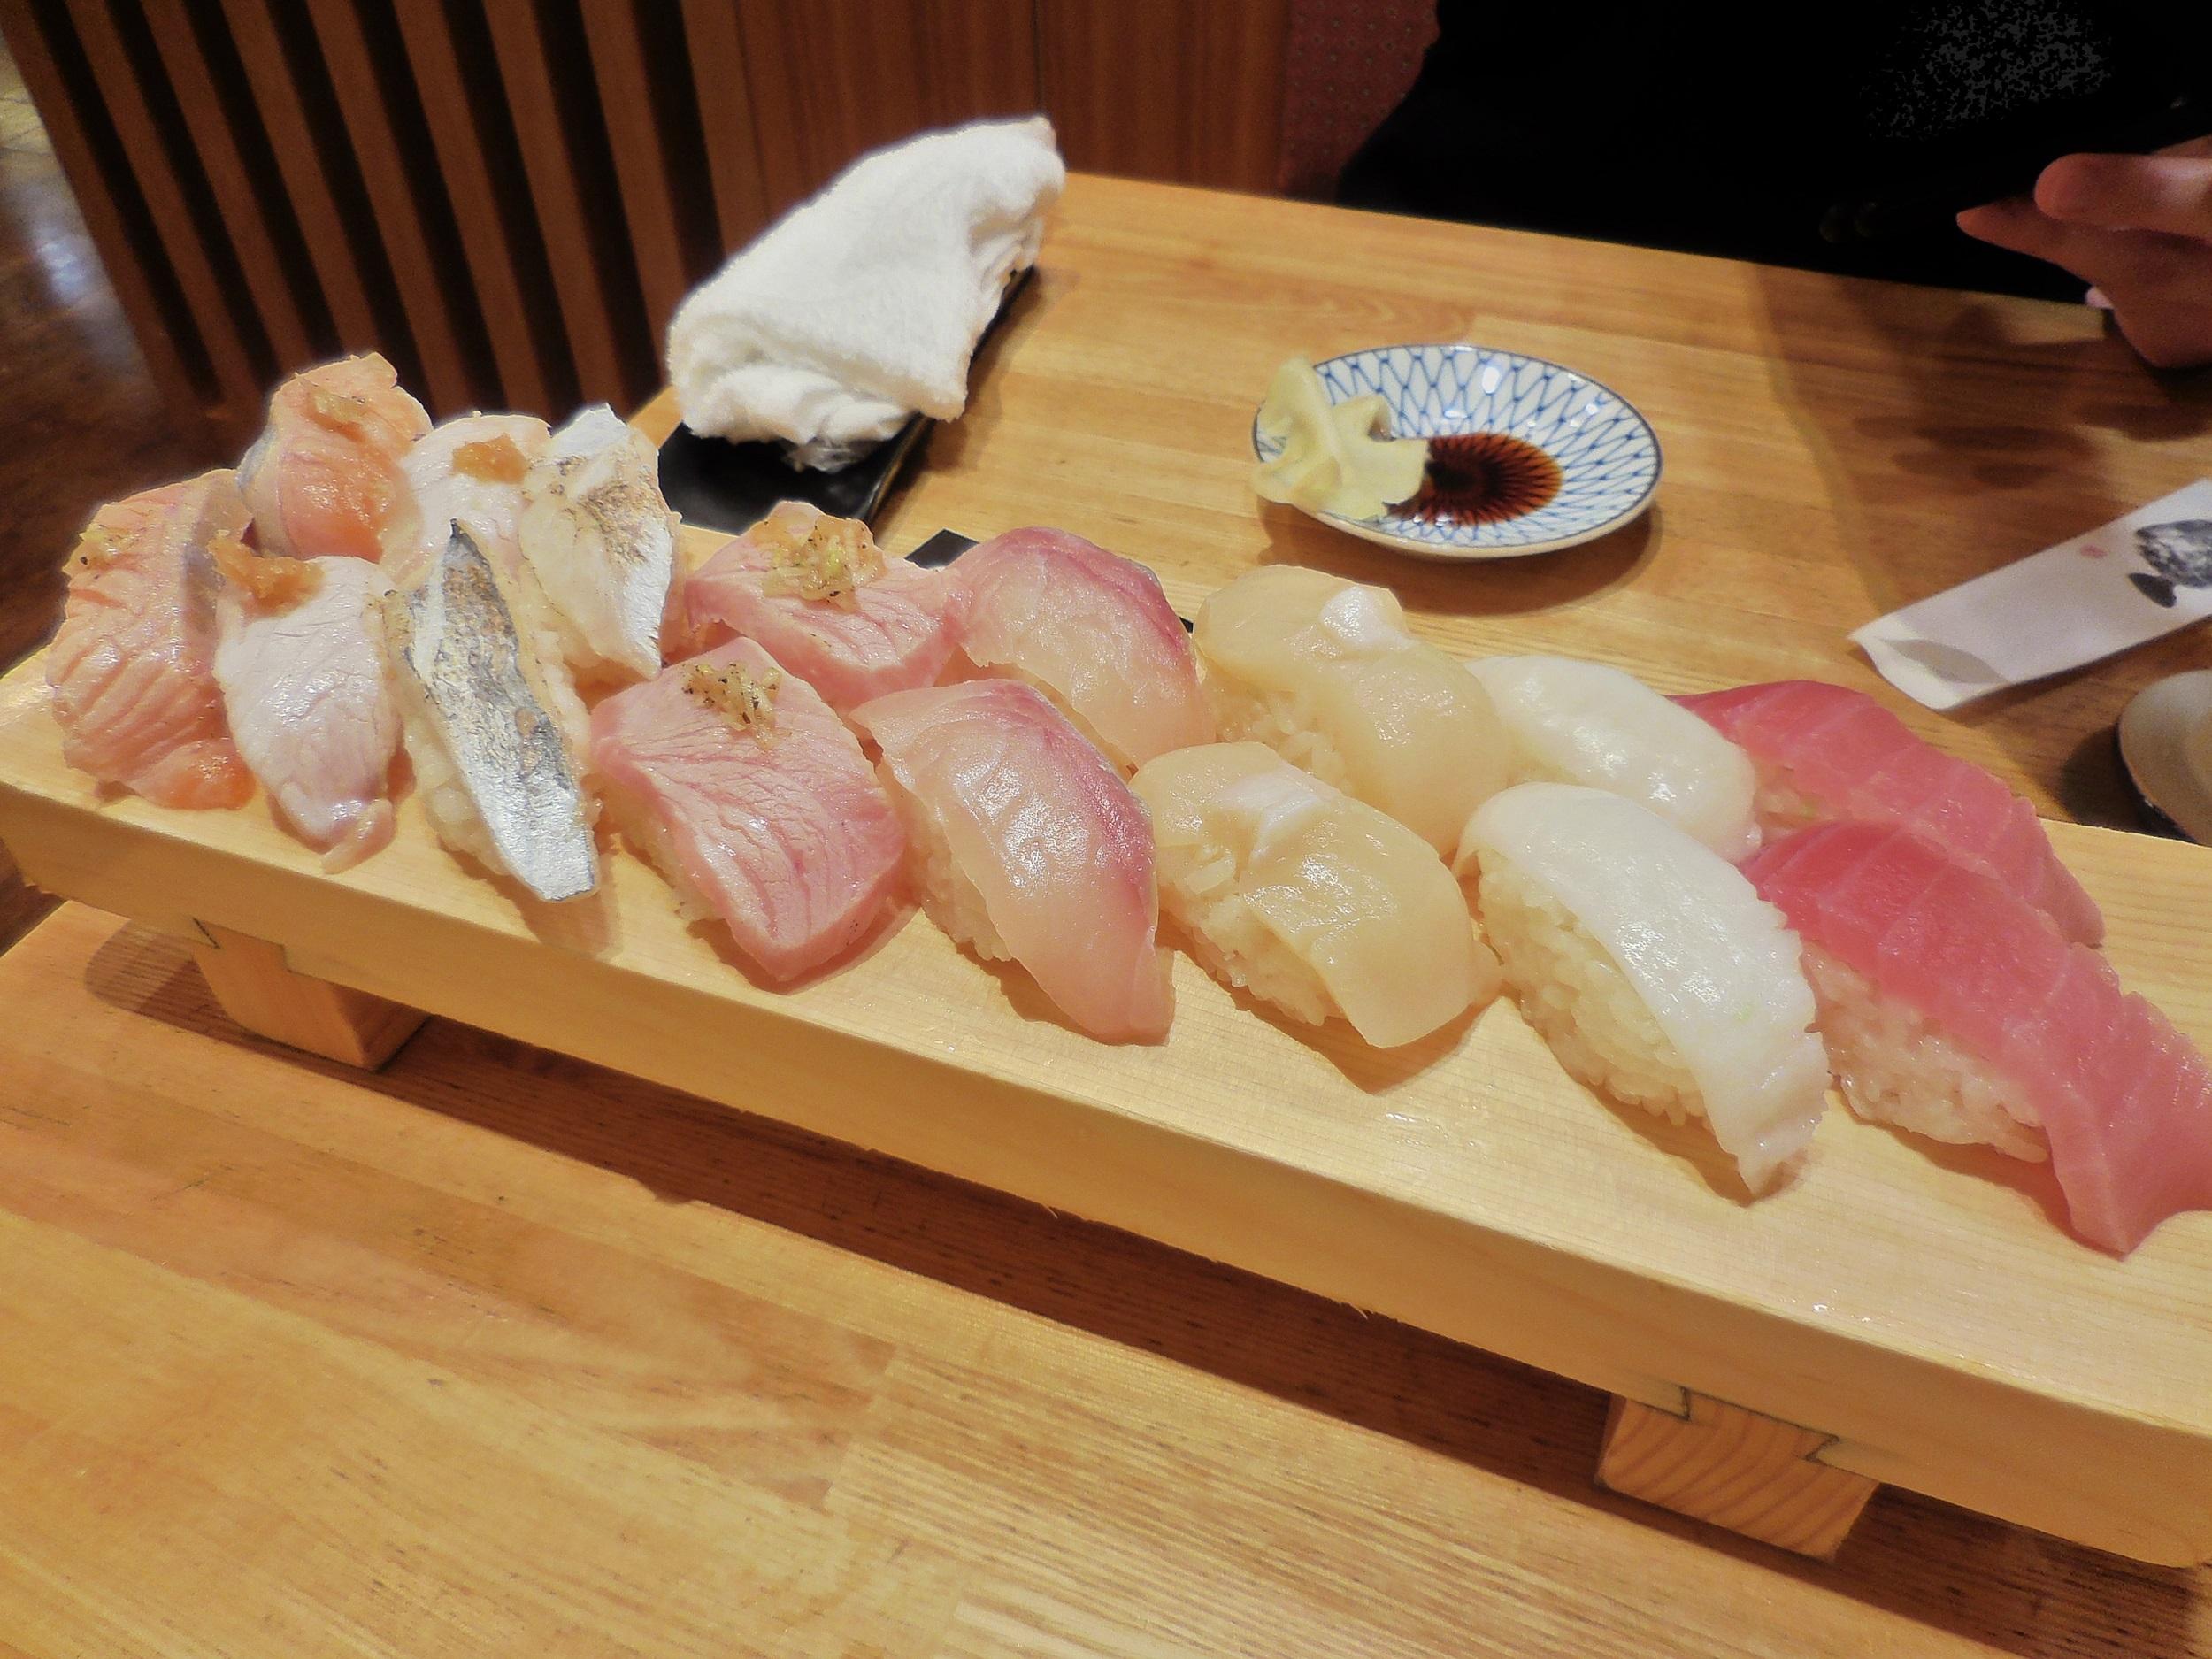 【築地玉寿司の食べ放題】時間無制限で高級寿司を楽しむ_2